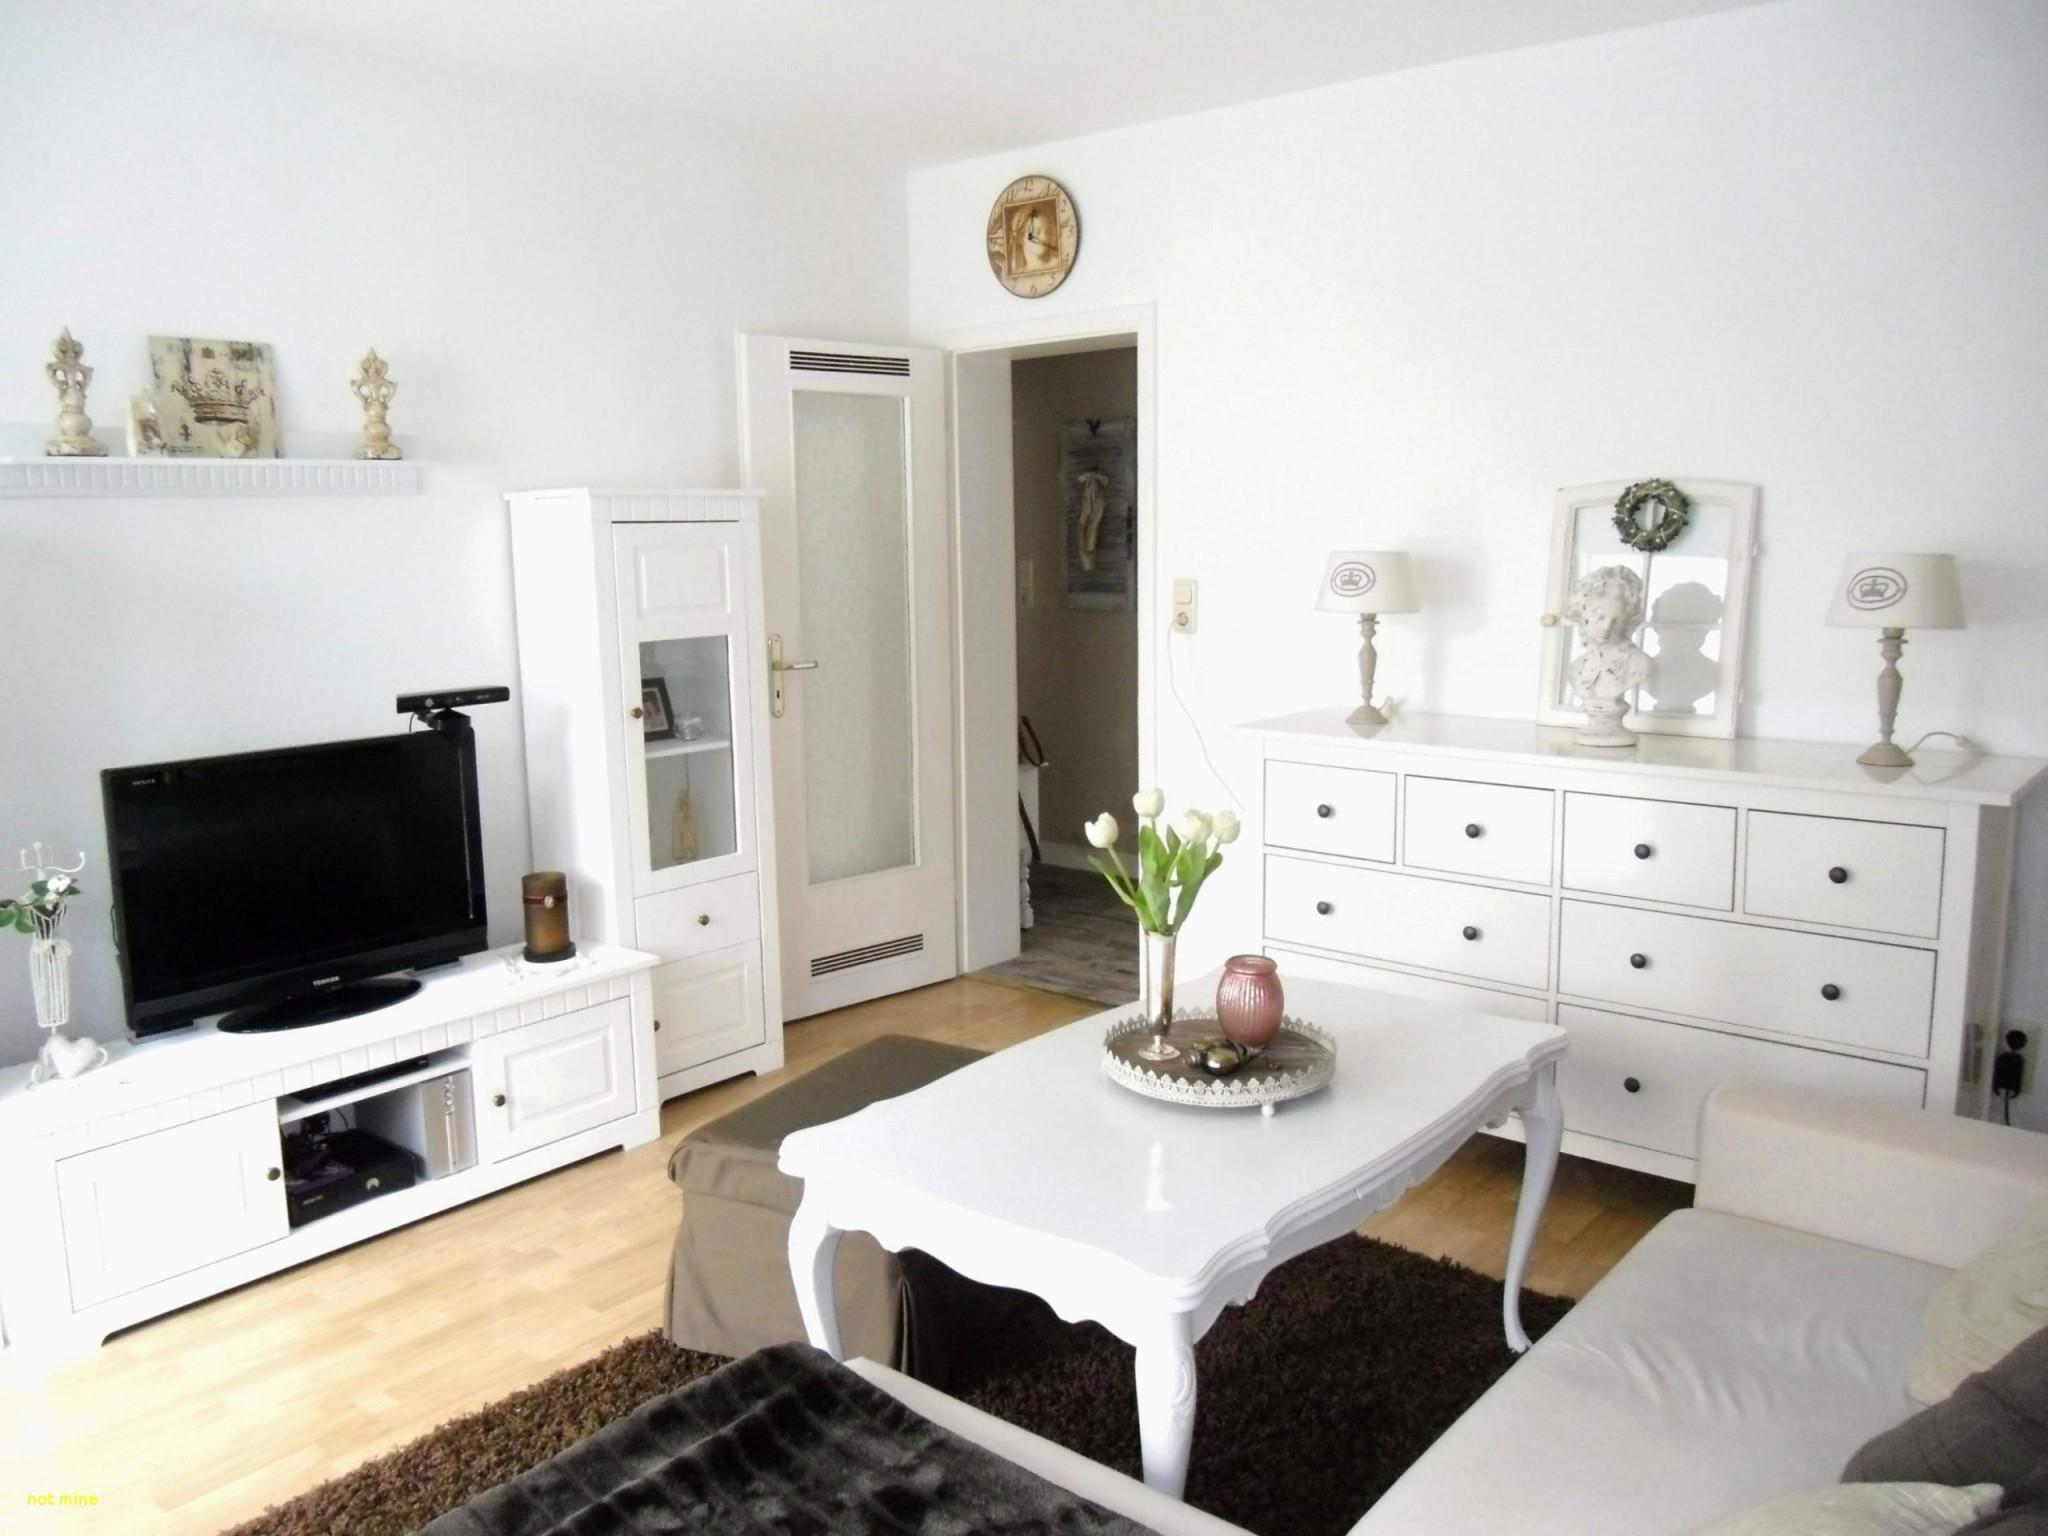 40 Schön Wohnzimmer Design Ideen Reizend  Wohnzimmer Frisch von Deko Ideen Für Wohnzimmer Wand Bild